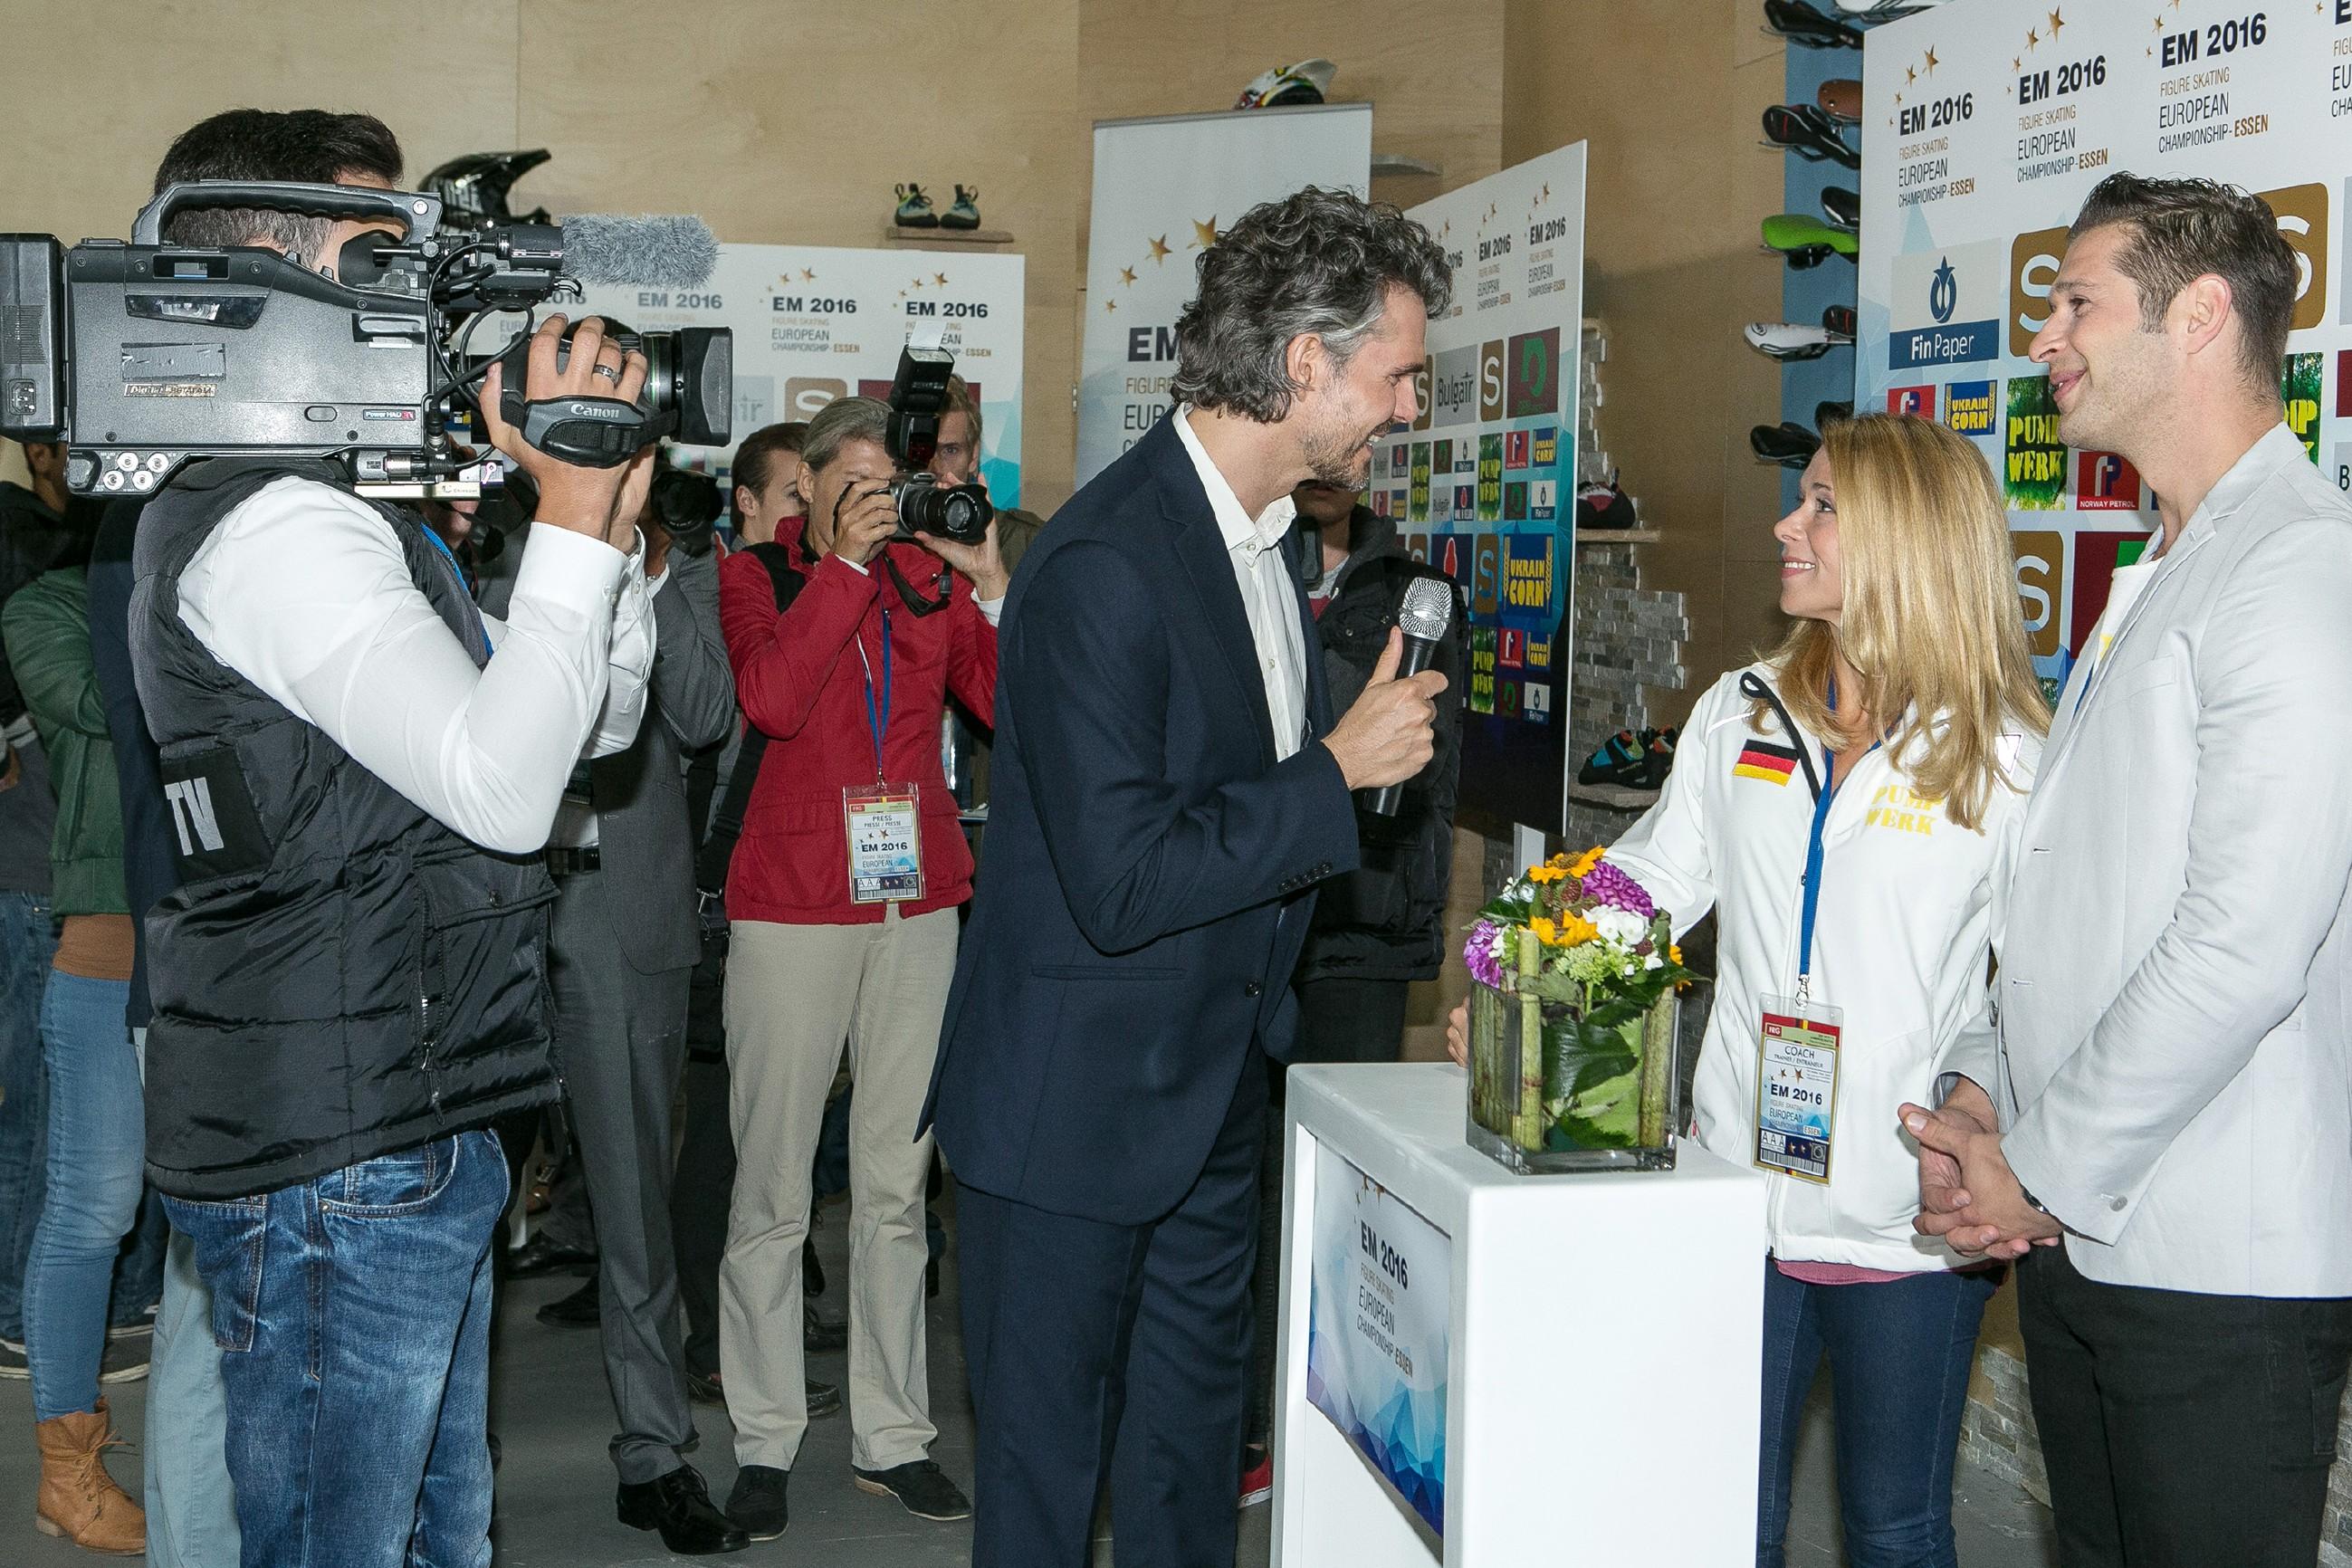 Diana (Tanja Szewczenko, 2.v.r.) und Deniz (Igor Dolgatschew, r.) werden von Moderator Matthias Mohr (Matthias Baier, M.) interviewt, doch Diana weicht den Fragen nach ihrem Privatleben aus. (Quelle: RTL / Kai Schulz)